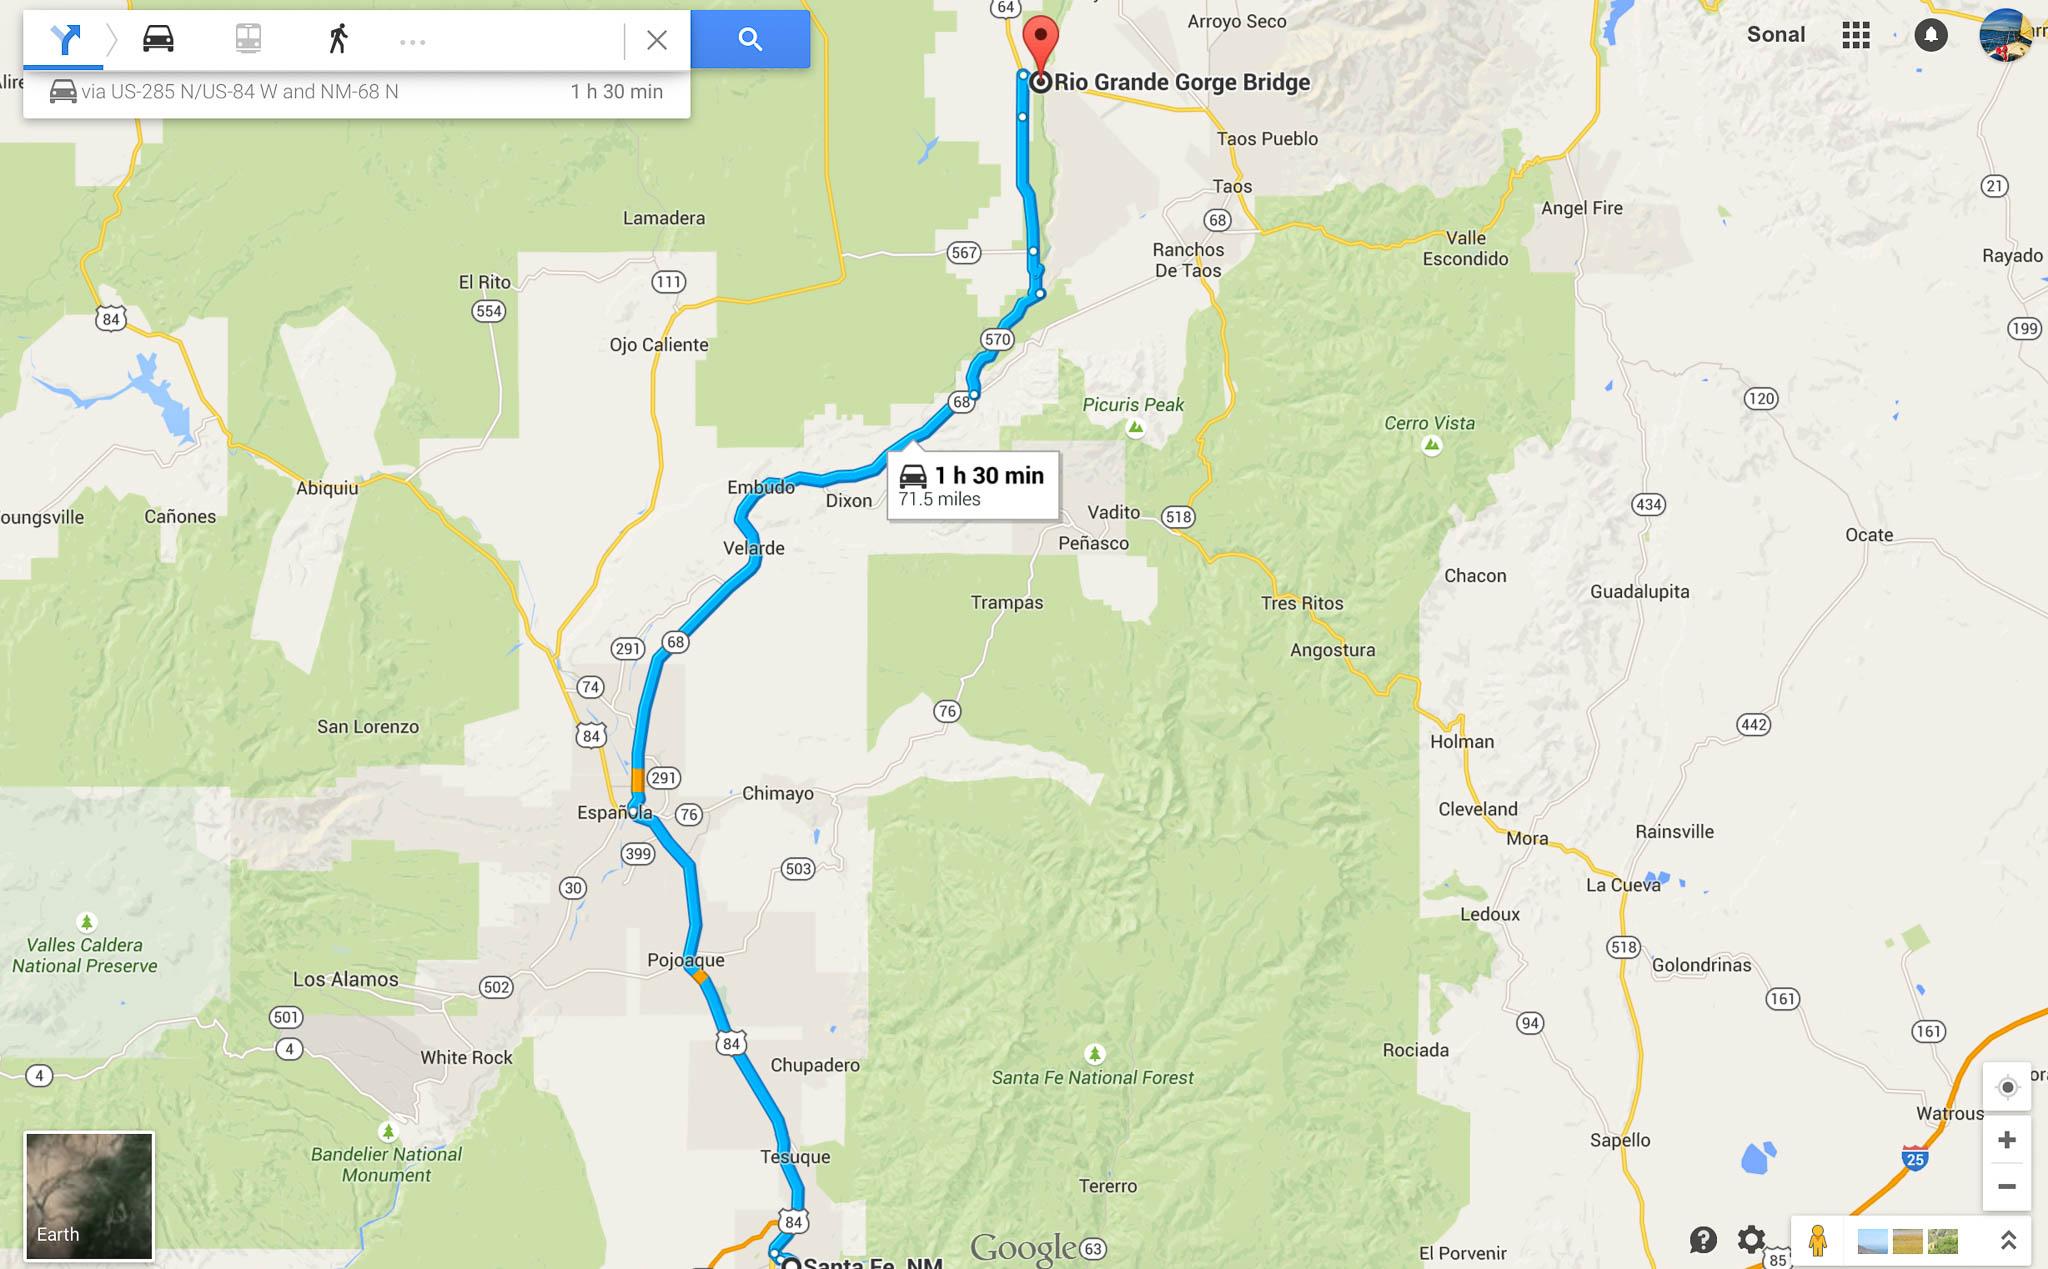 From Santa Fe Downtown to Rio Grande Gorge Bridge via Hwy 570 - scenic route along the Rio Grande